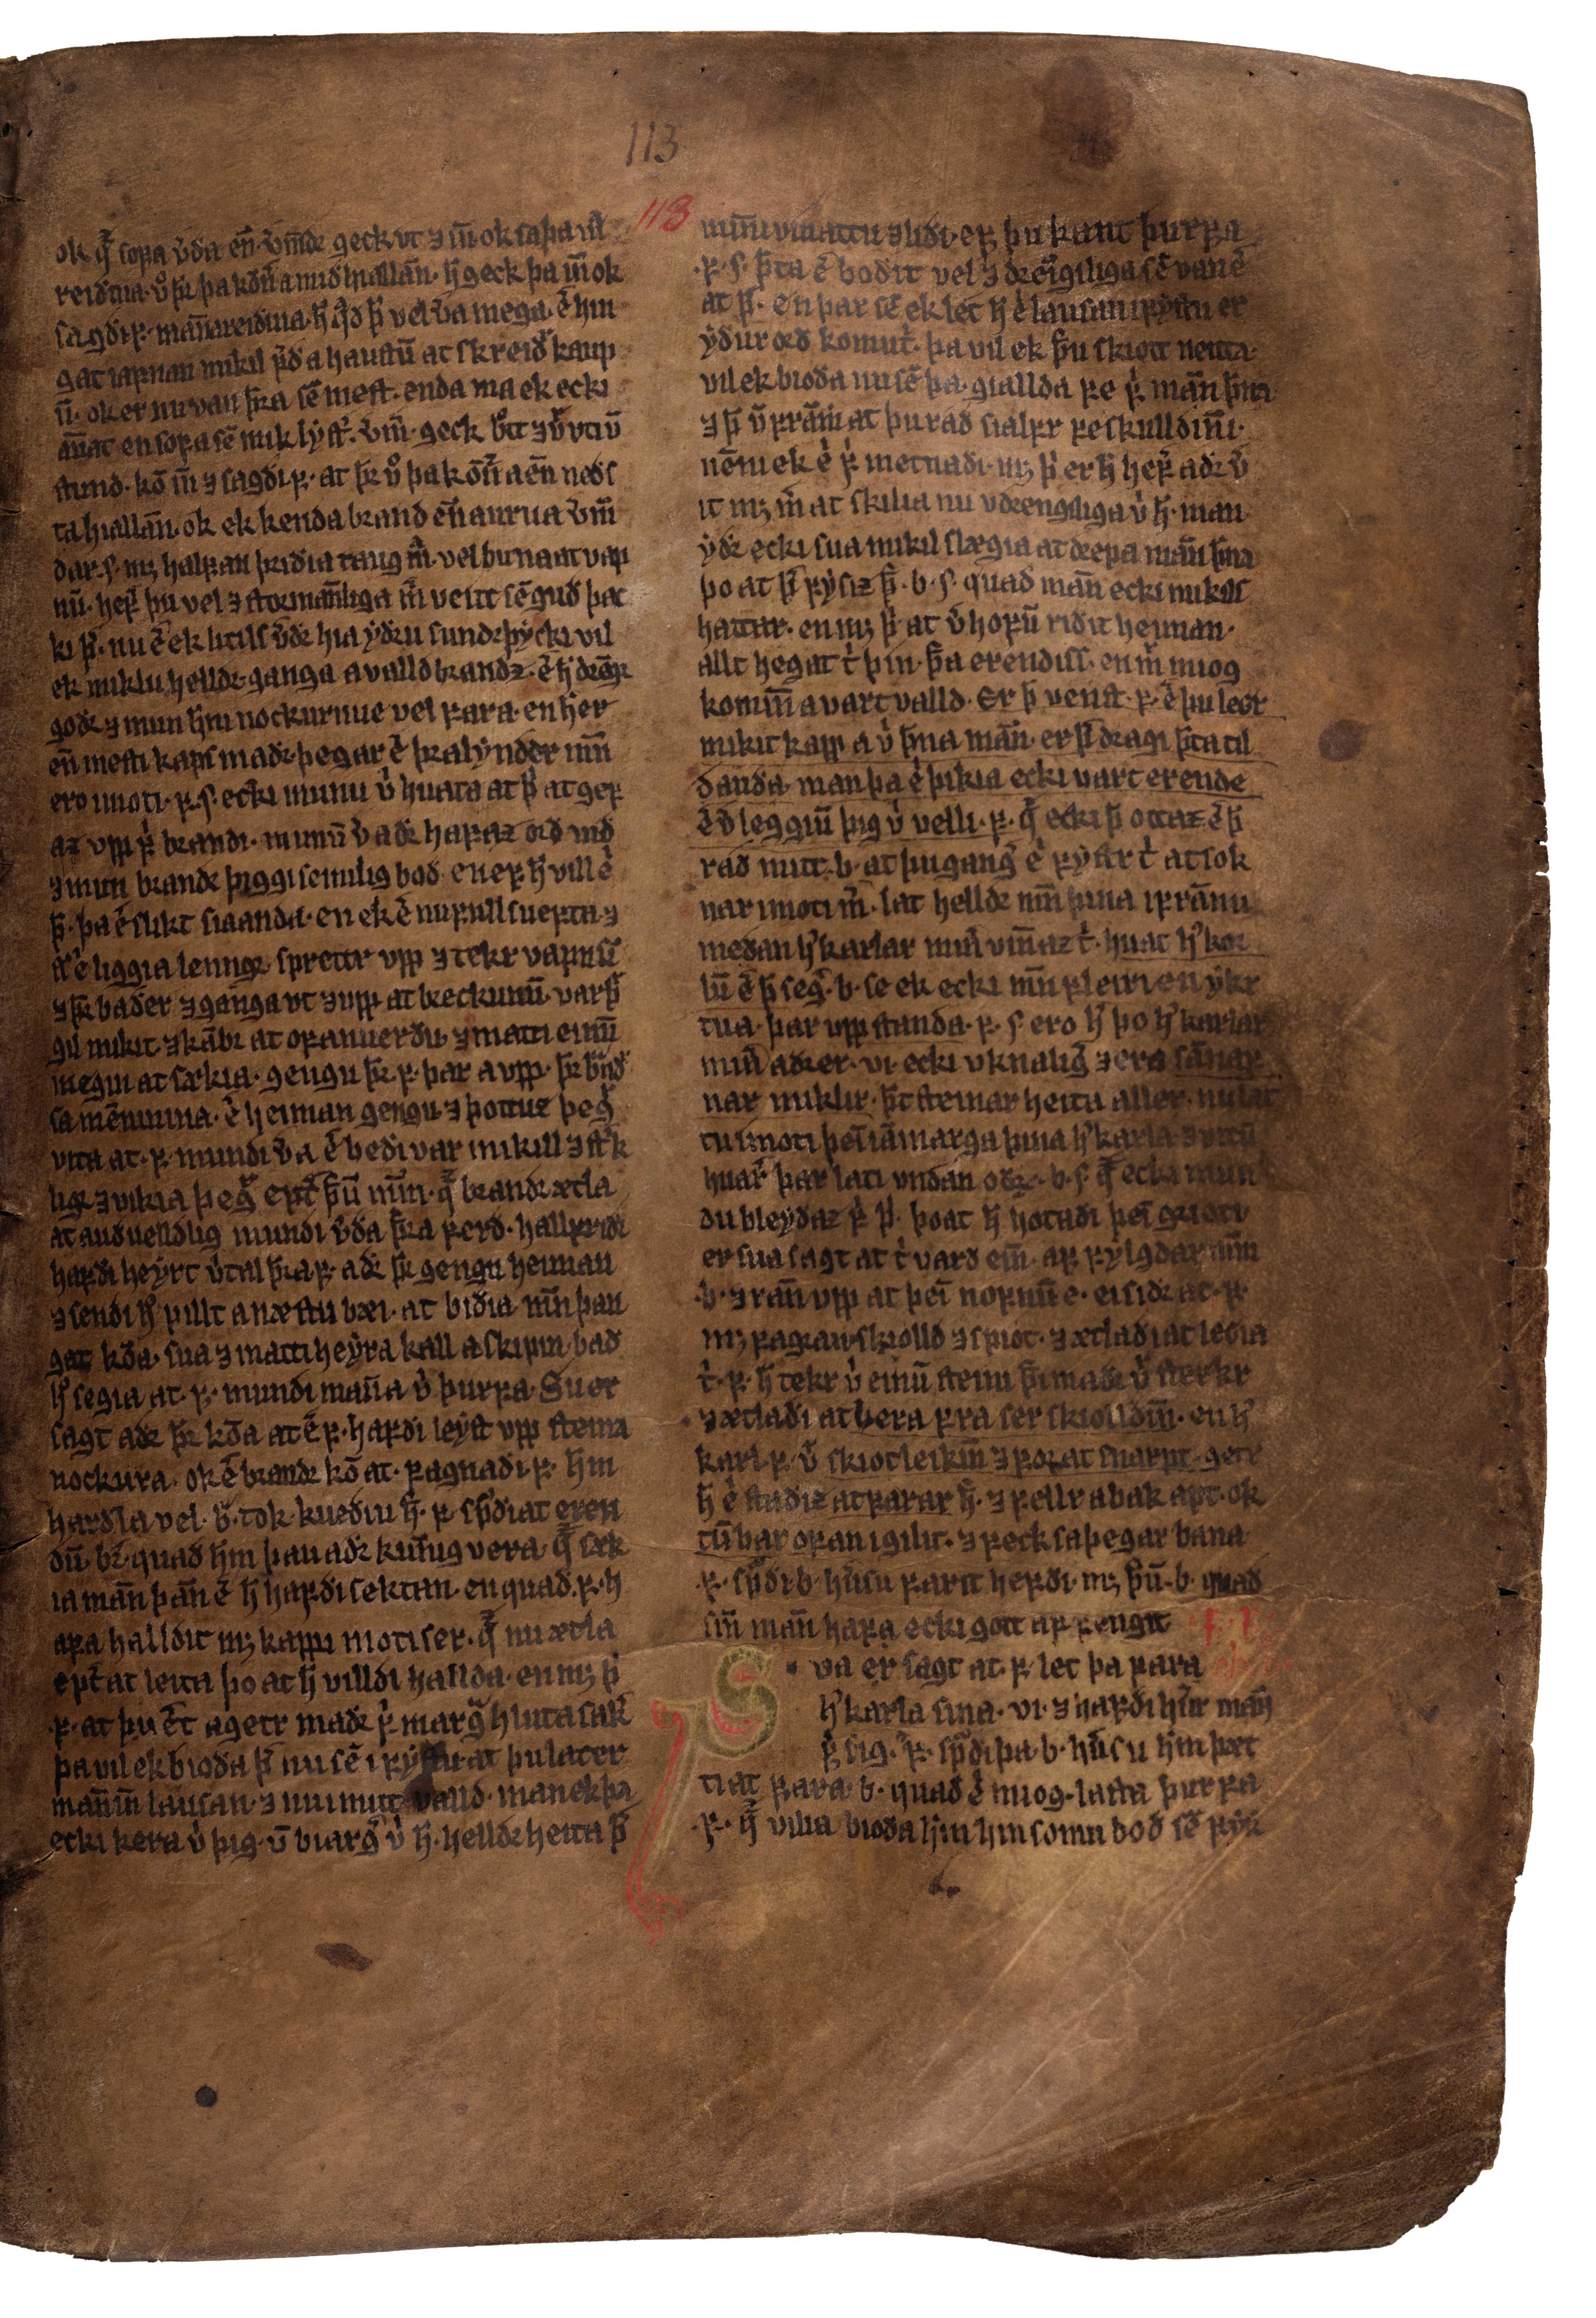 AM 132 fol - 113r